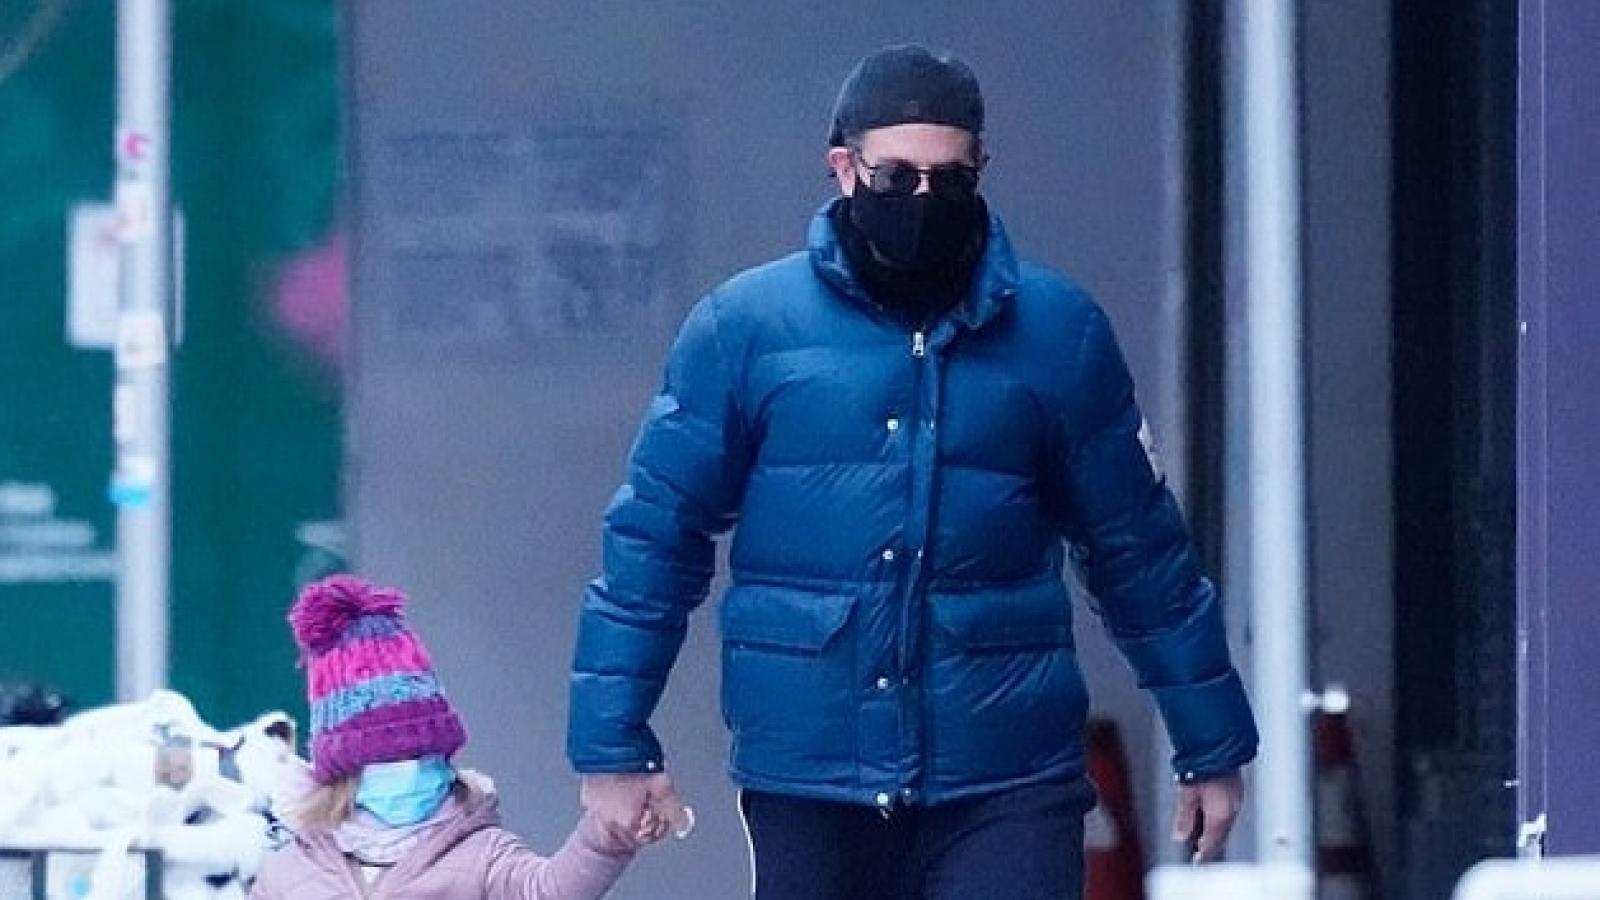 Bradley Cooper đưa con gái đi chơi sau trận bão tuyết ở New York